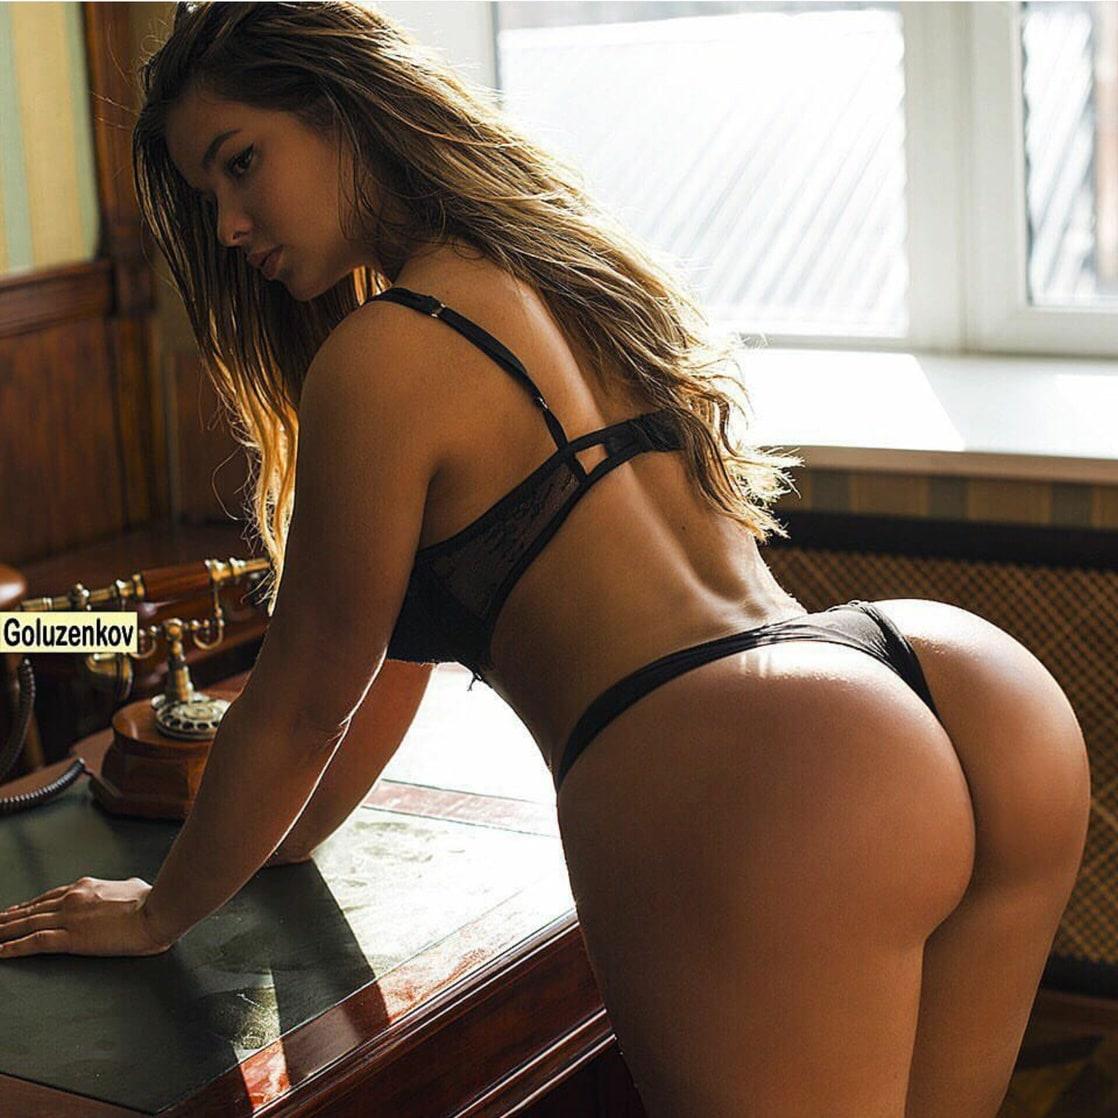 Sexy Anastasiya Kvitko naked (25 foto and video), Pussy, Fappening, Instagram, braless 2019